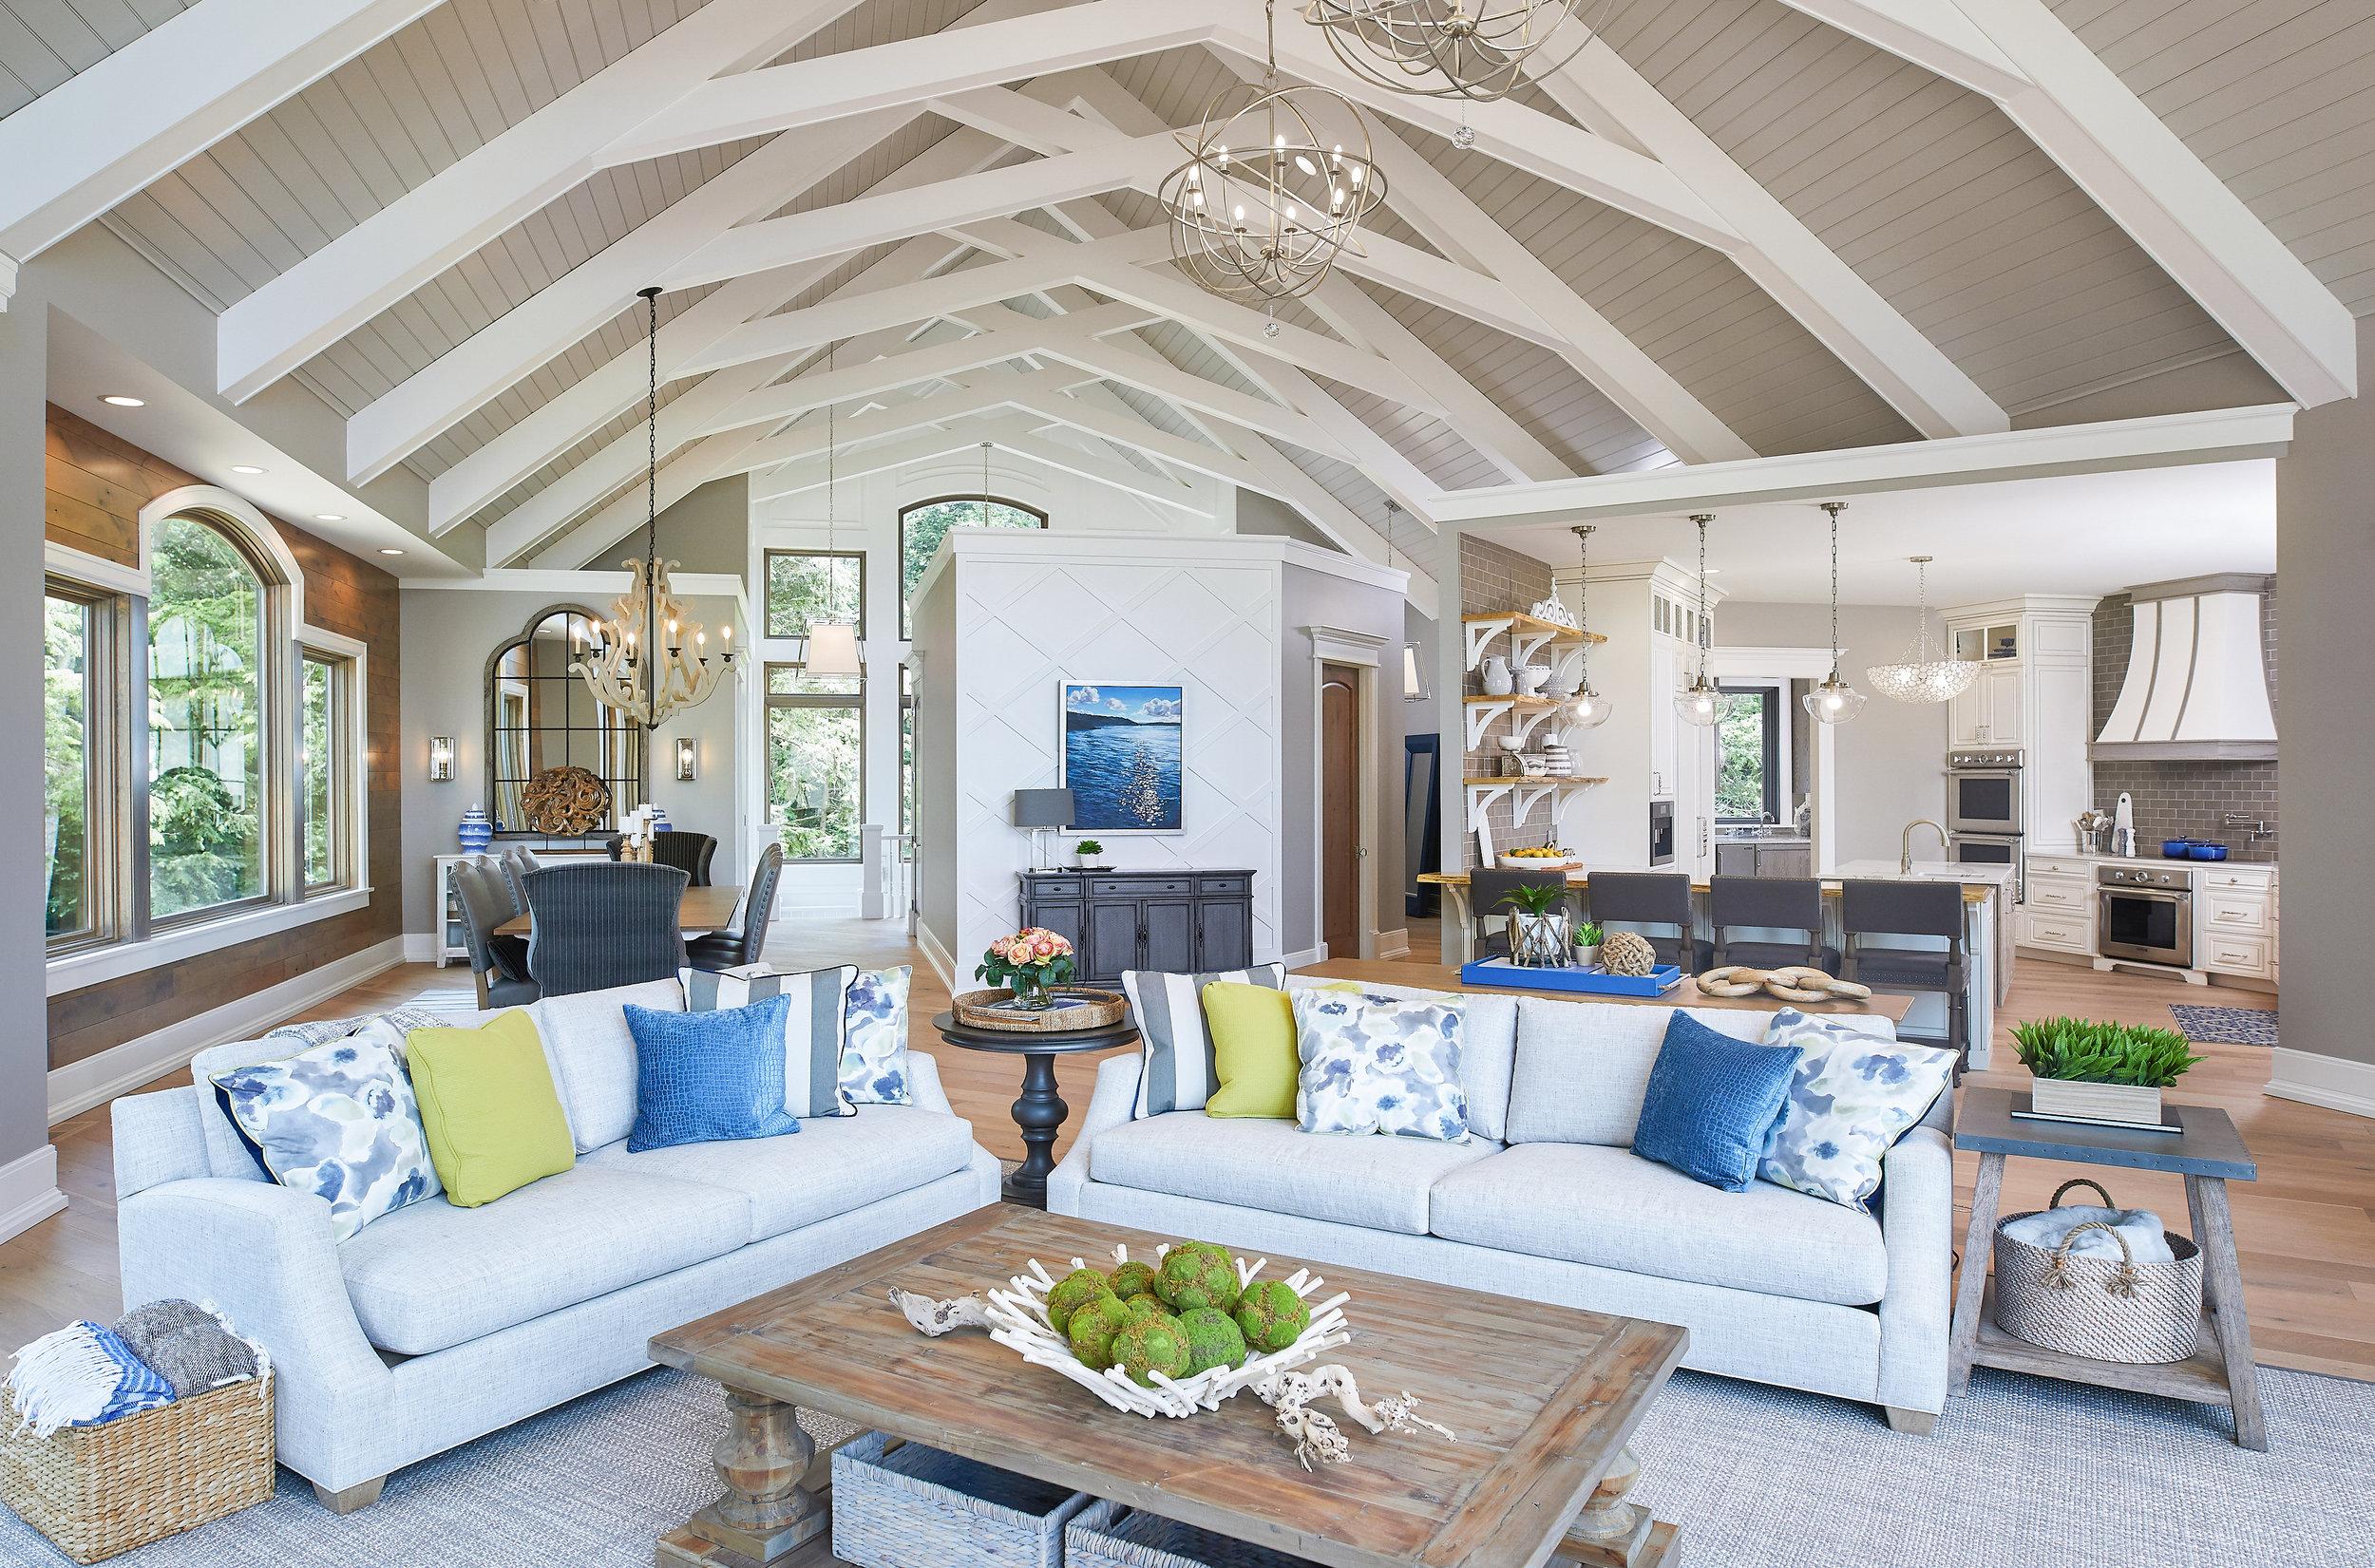 Fuchsia Design Grand Rapids MI Ceiling Design 3.jpg